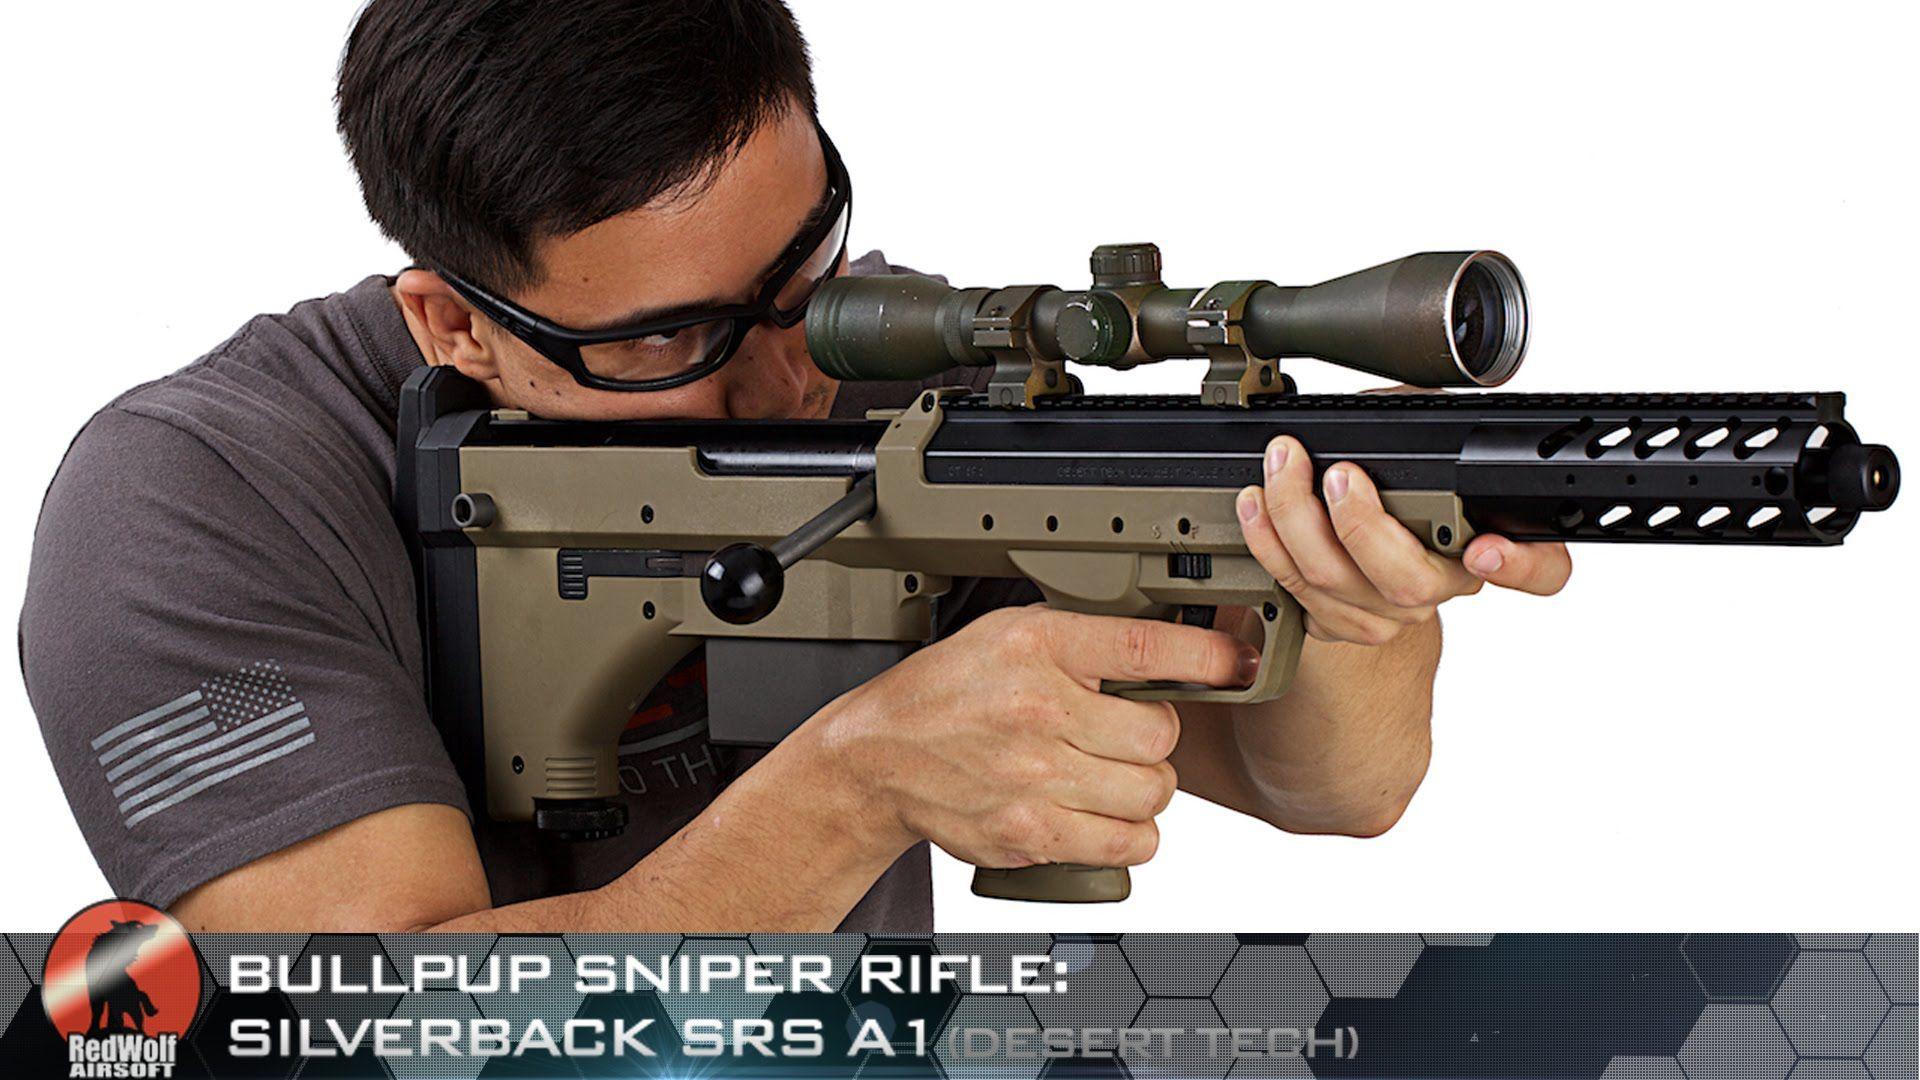 Bullpup Sniper Rifle Silverback SRS A1 (Desert Tech